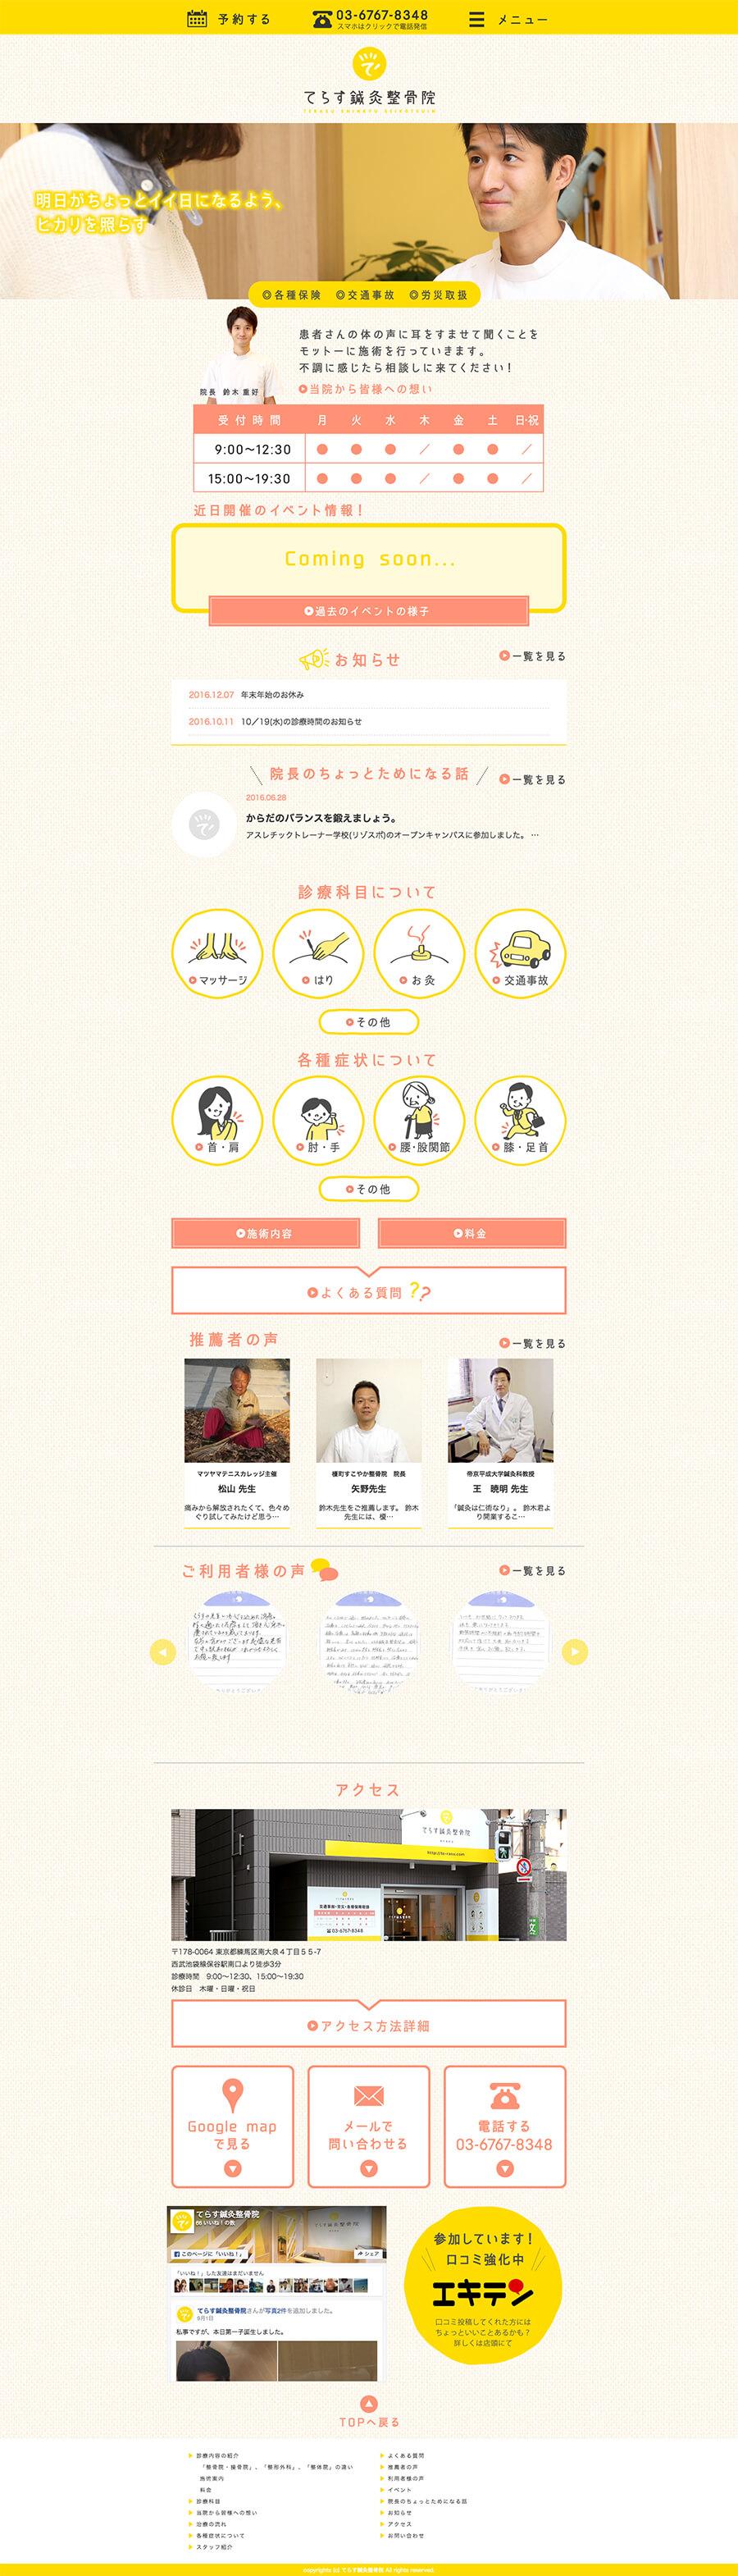 鍼灸接骨院のトップページ